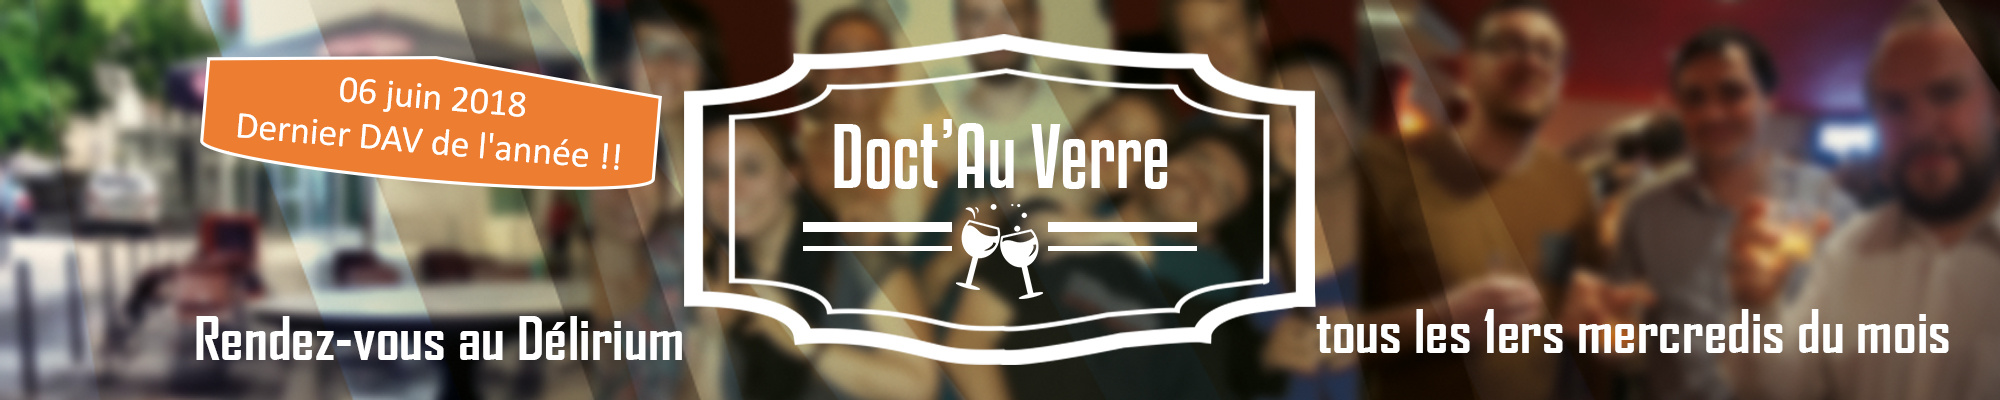 Doct'Au Verre tous les 1ers mercredi du mois. 6 juin 2018 Dernier DAV de l'année !! Rendez-vous au Délirium